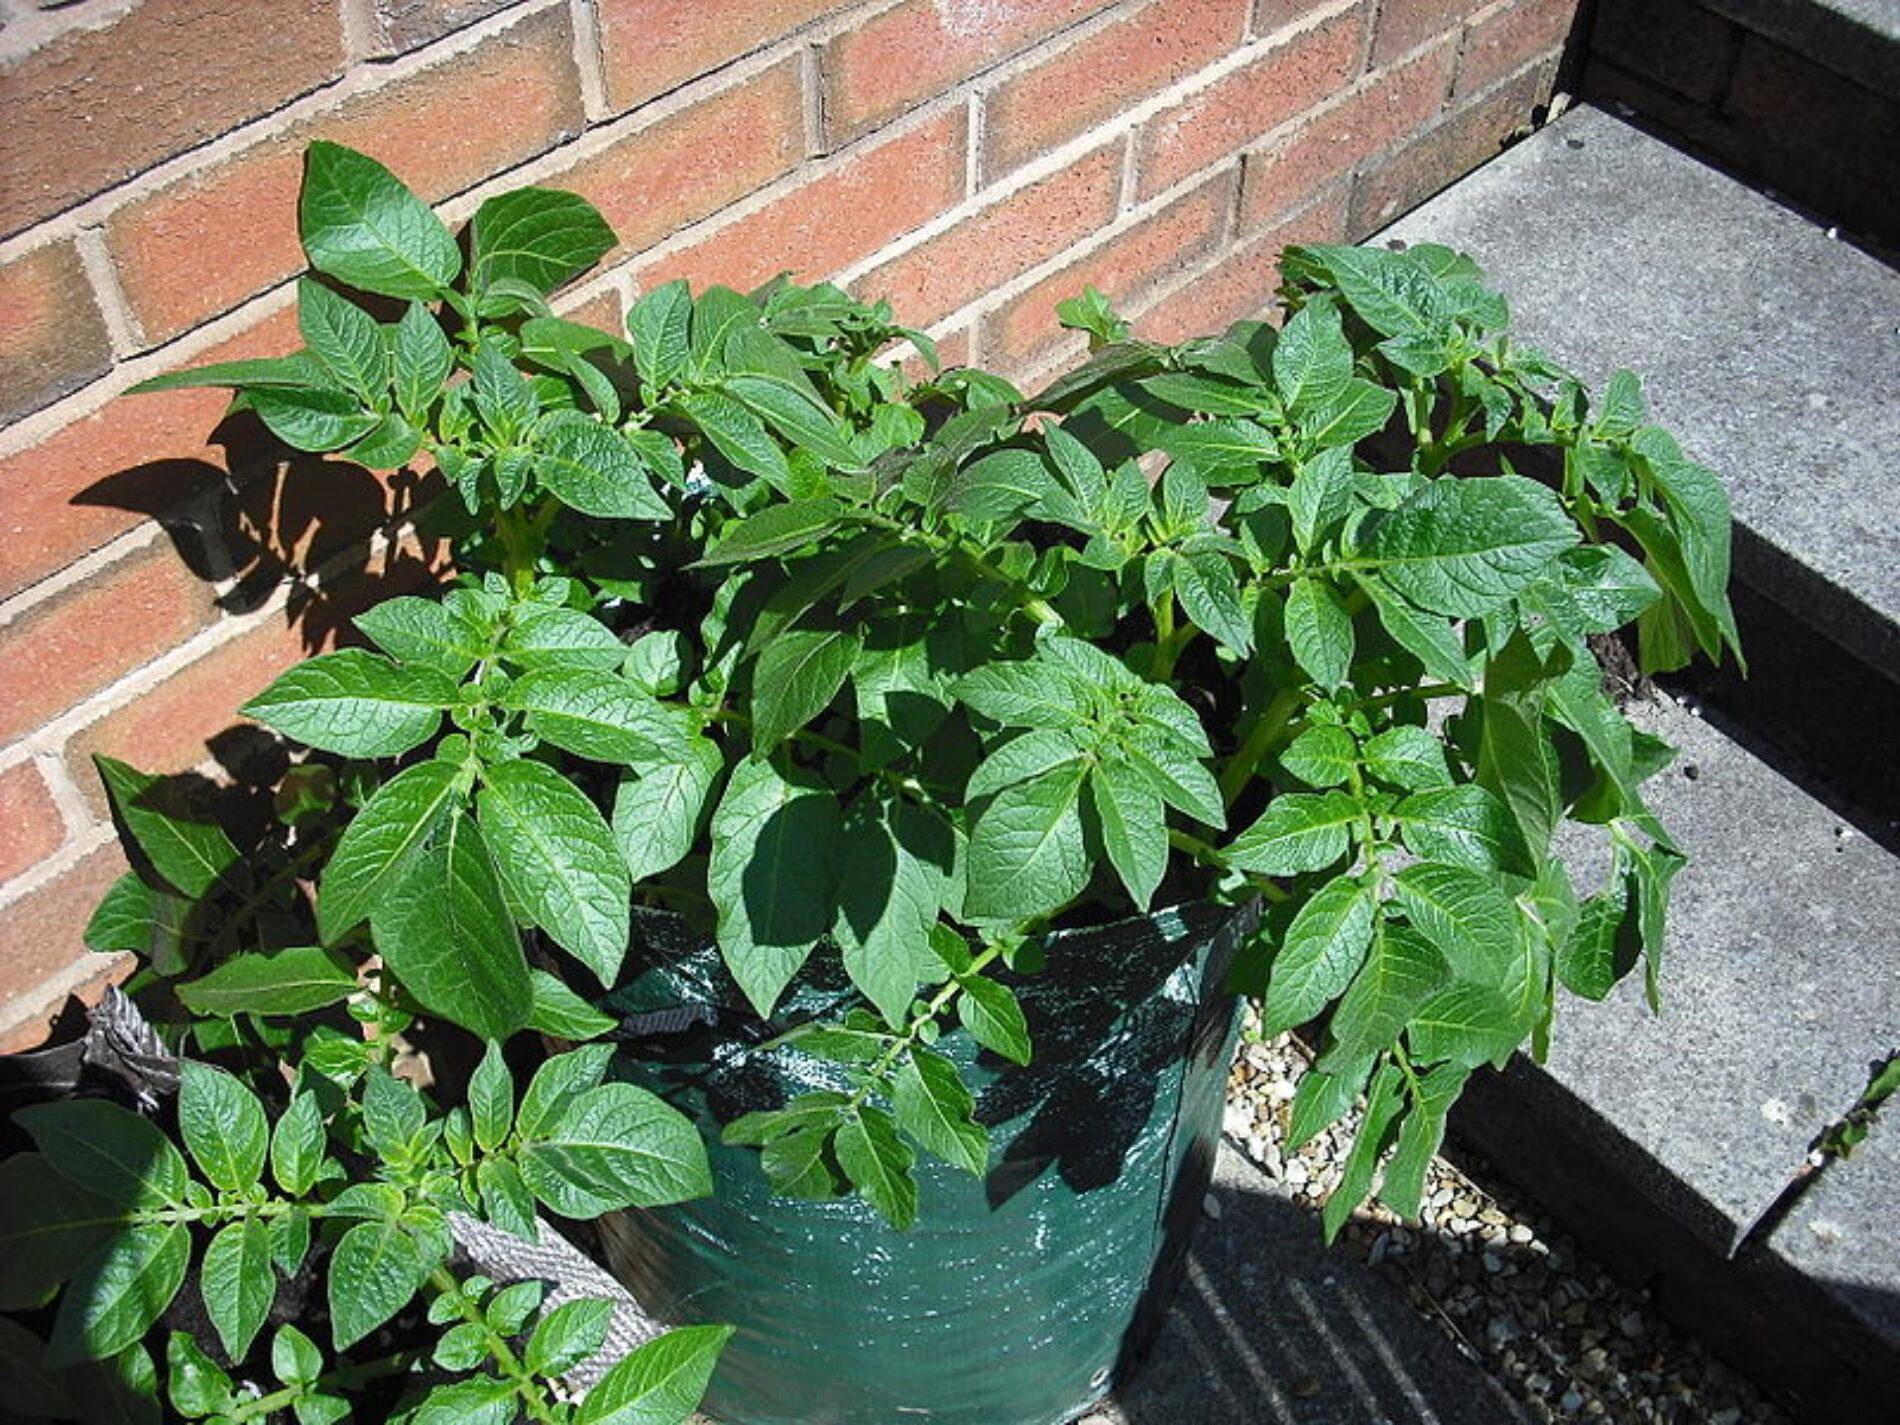 Πως να καλλιεργήσετε πατάτες στο μπαλκόνι